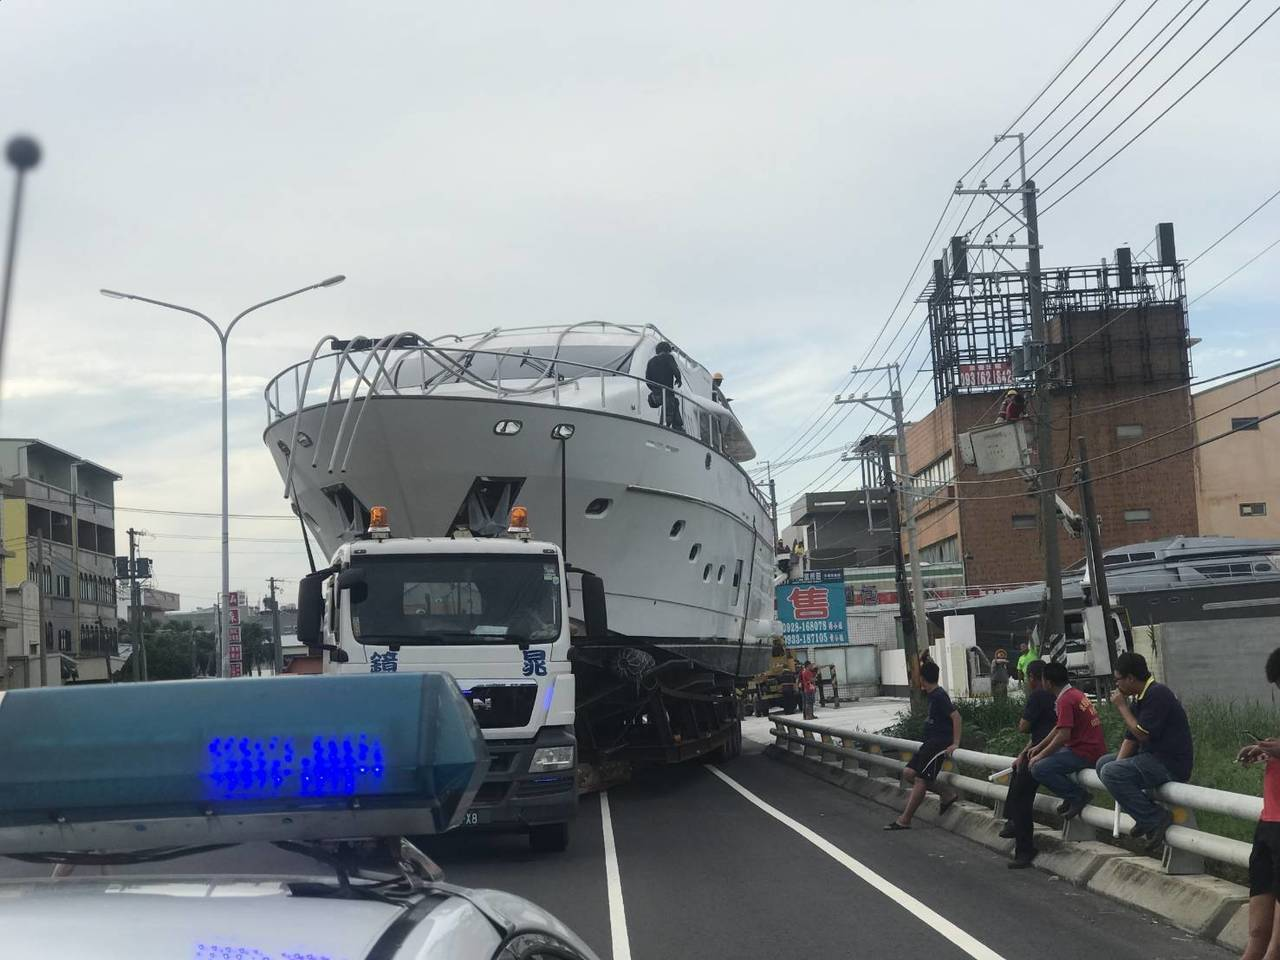 一艘巨大遊艇從興達港出發送至湖內區一處工廠,歷時8小時完成。記者徐白櫻/翻攝